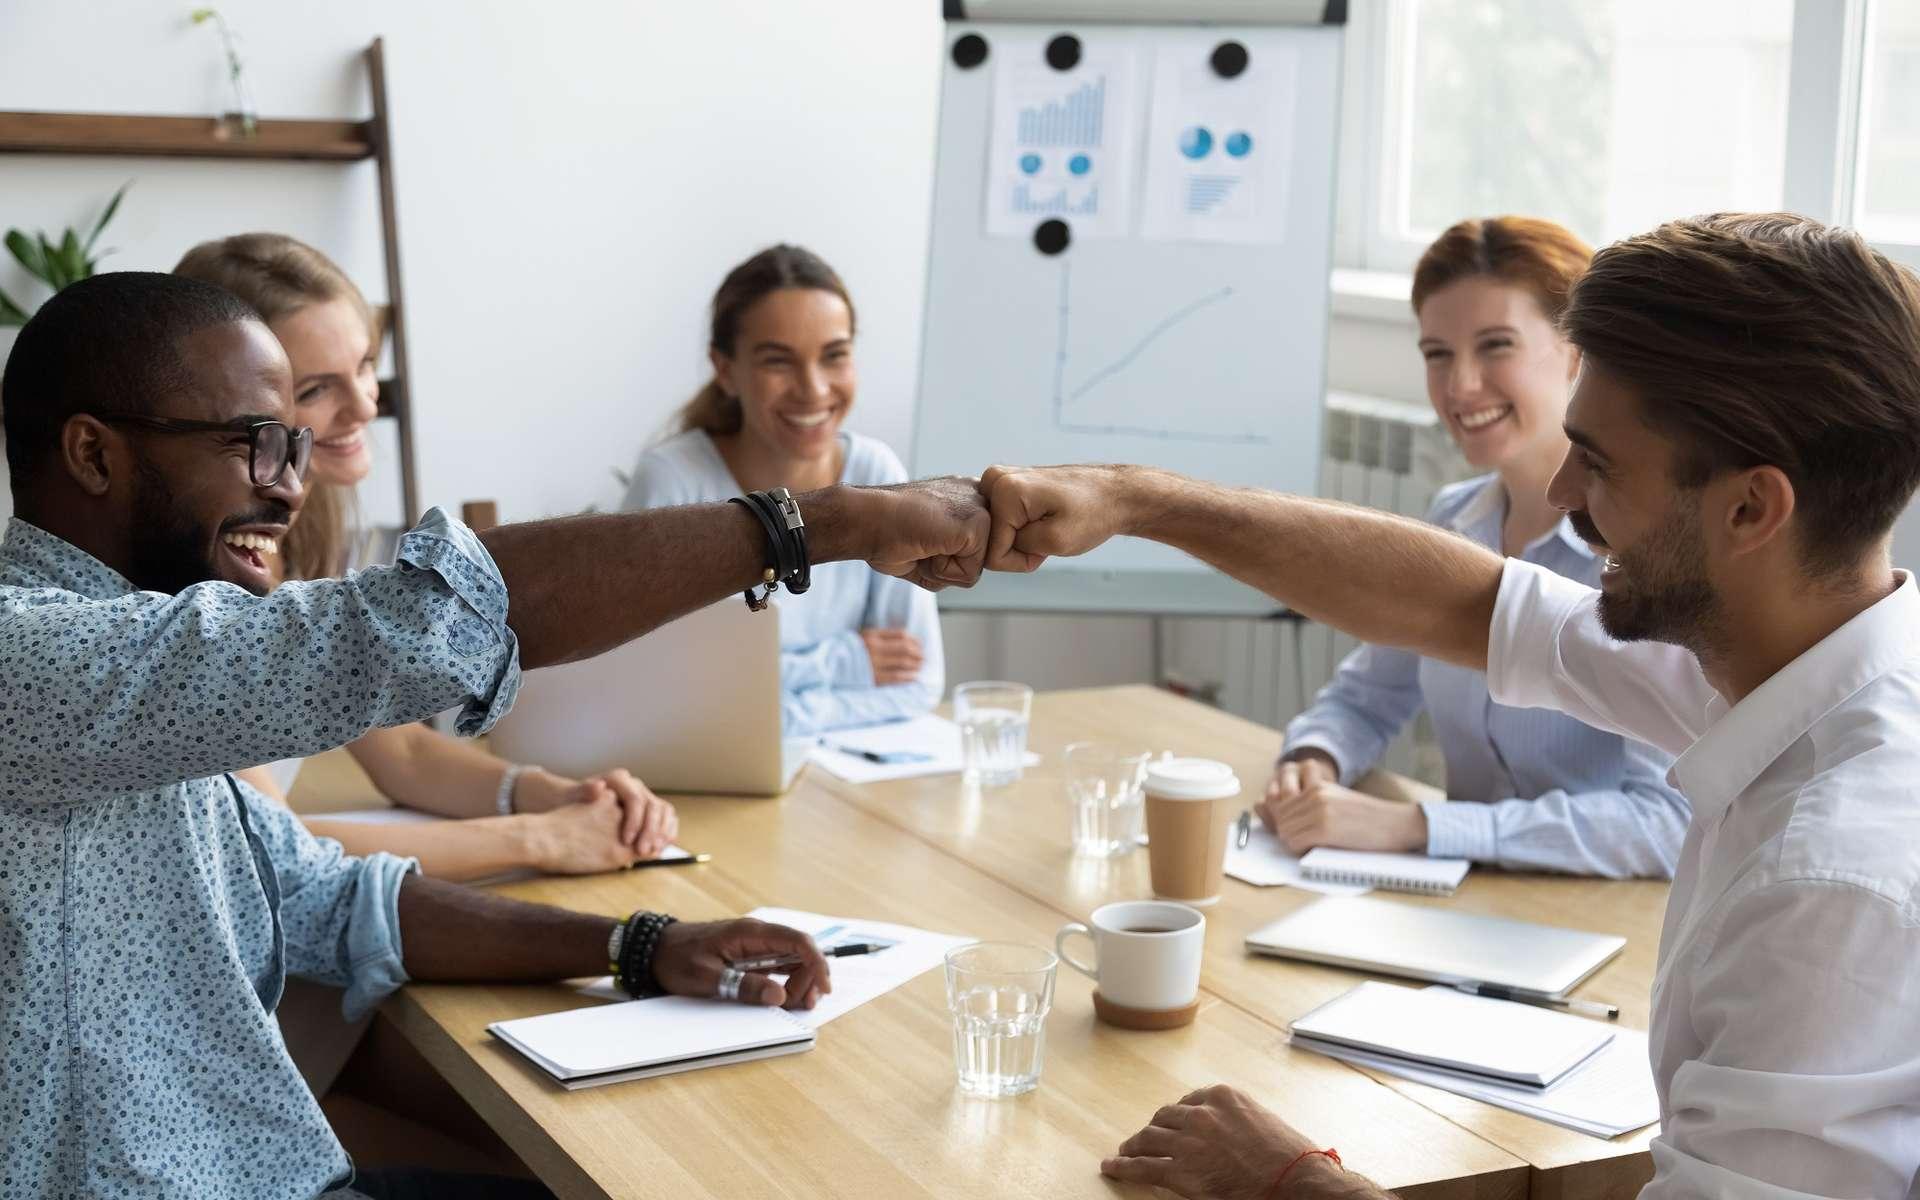 Le chef de projet doit être avant tout un bon manager. La réussite d'un projet ne peut se faire qu'avec une bonne entente entre les membres de l'équipe. Le chef de projet doit savoir les motiver et instaurer une bonne ambiance de travail. © fizkes, Adobe Stock